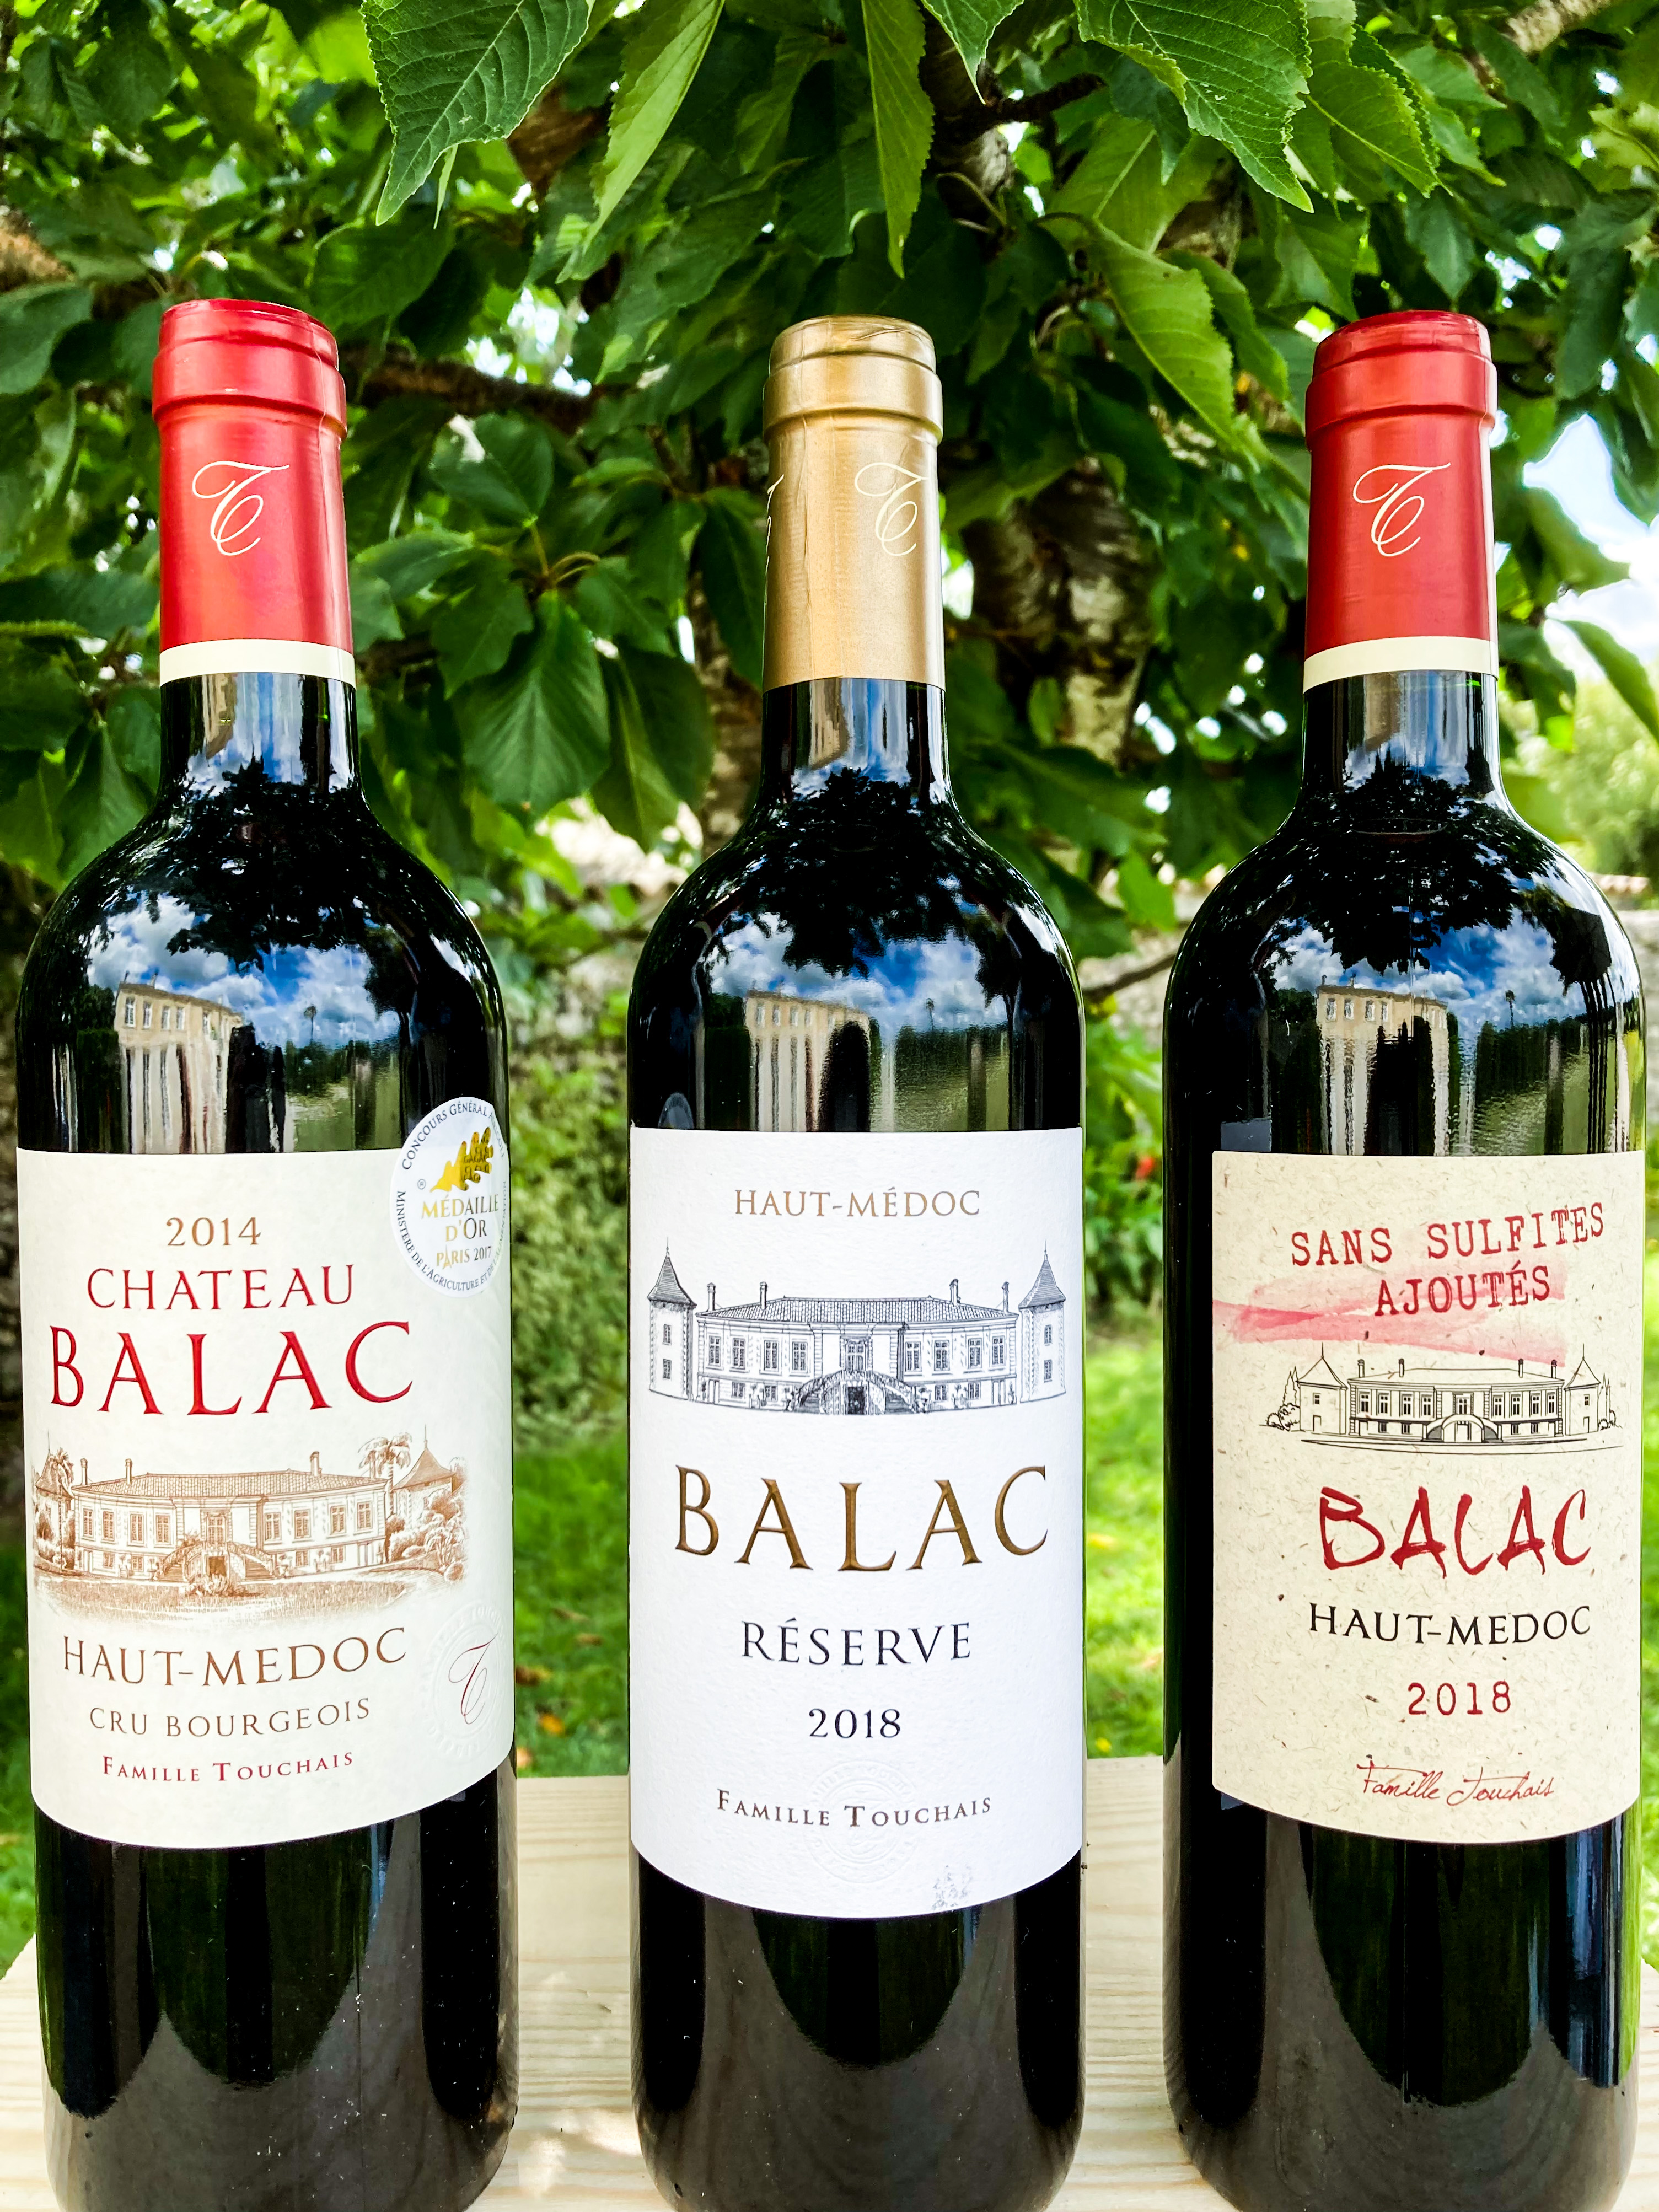 Dégustation GRATUITE de vins au CHATEAU BALAC